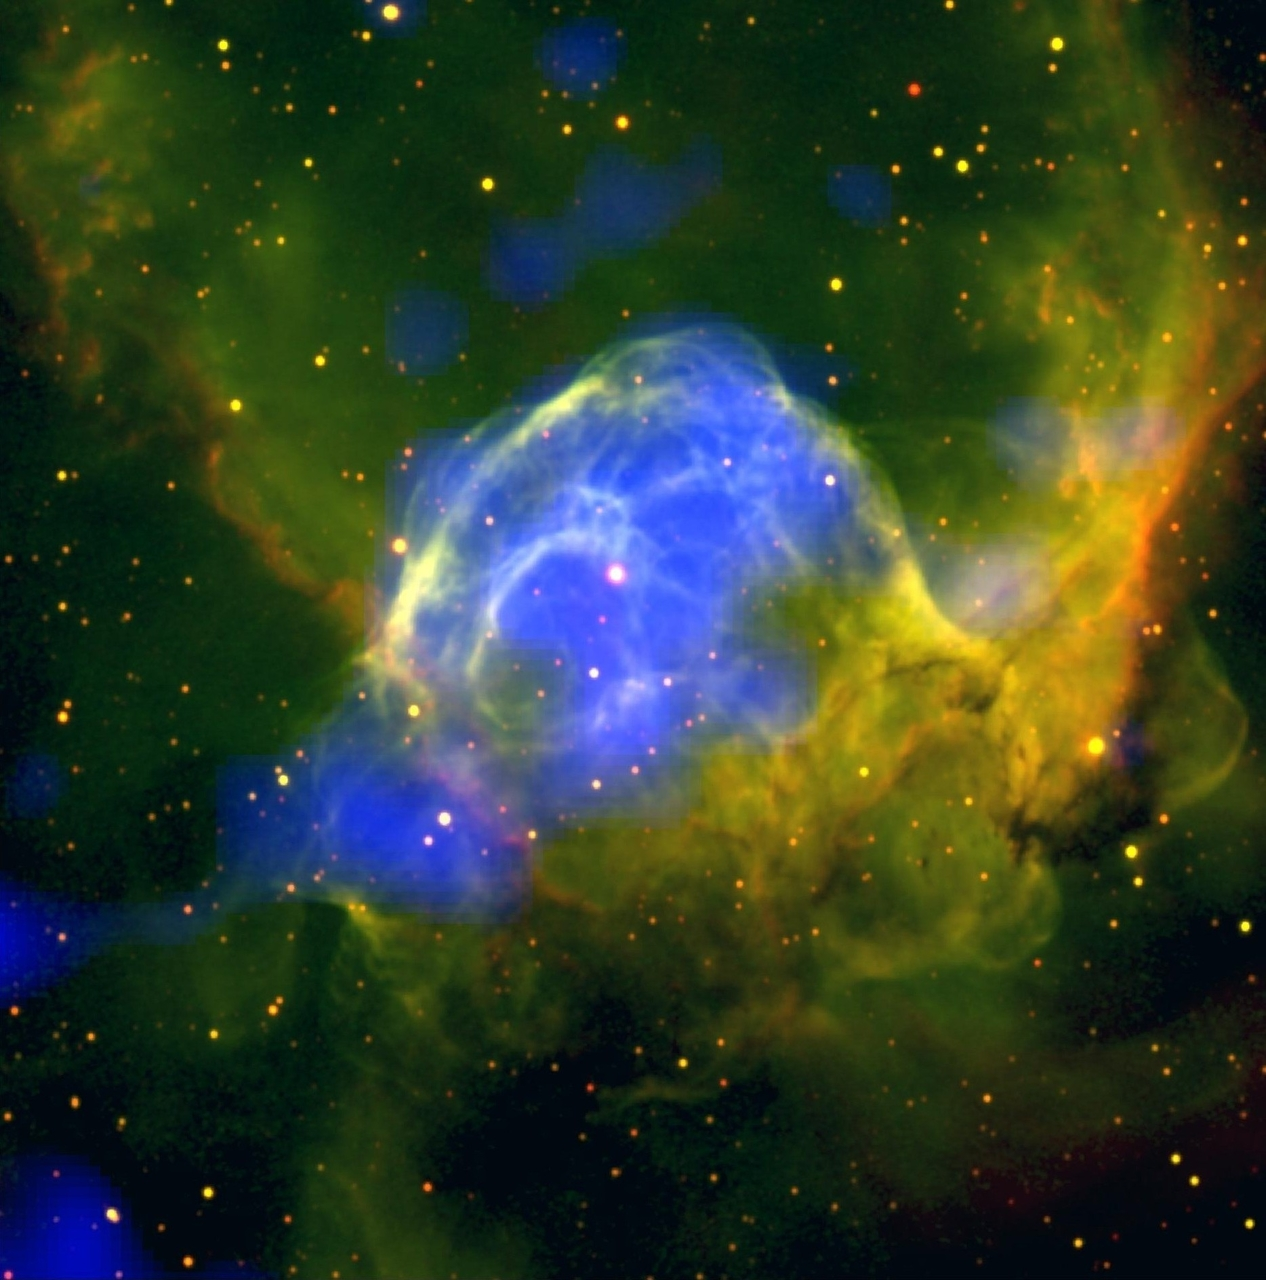 1567215601842-XMM-Newton_SSRO-S_Intense_X-rays_sculpt_Thor_s_helmet_1280.jpg